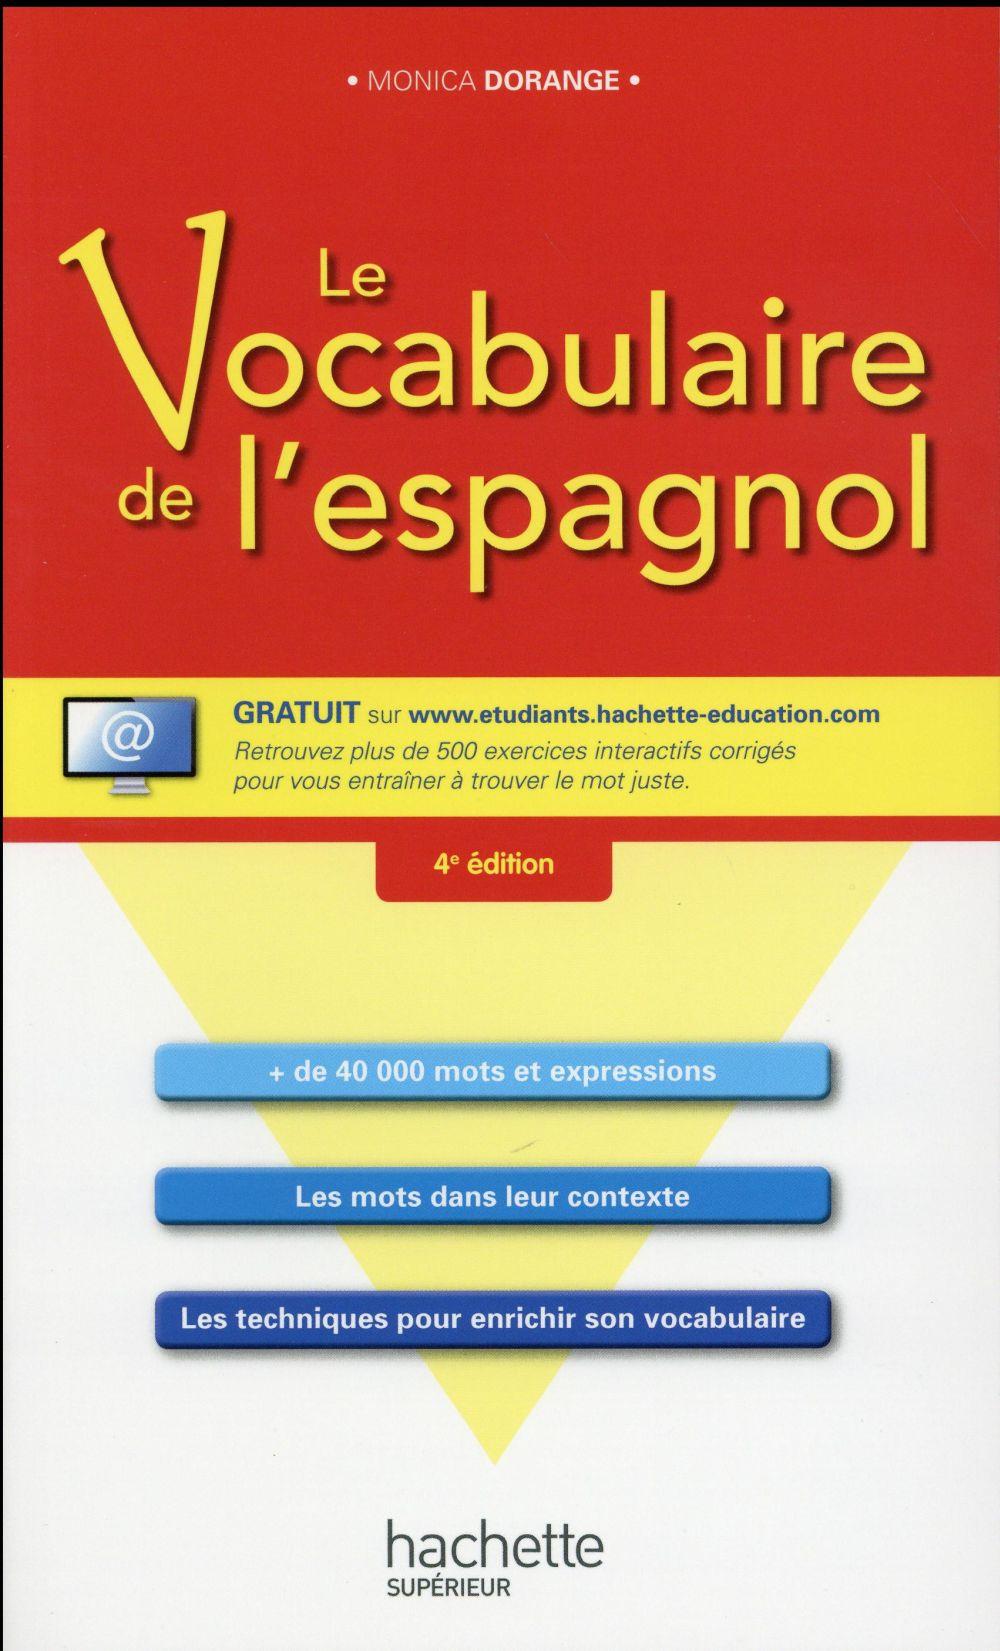 Dorange Monica - LE VOCABULAIRE DE L'ESPAGNOL + CD